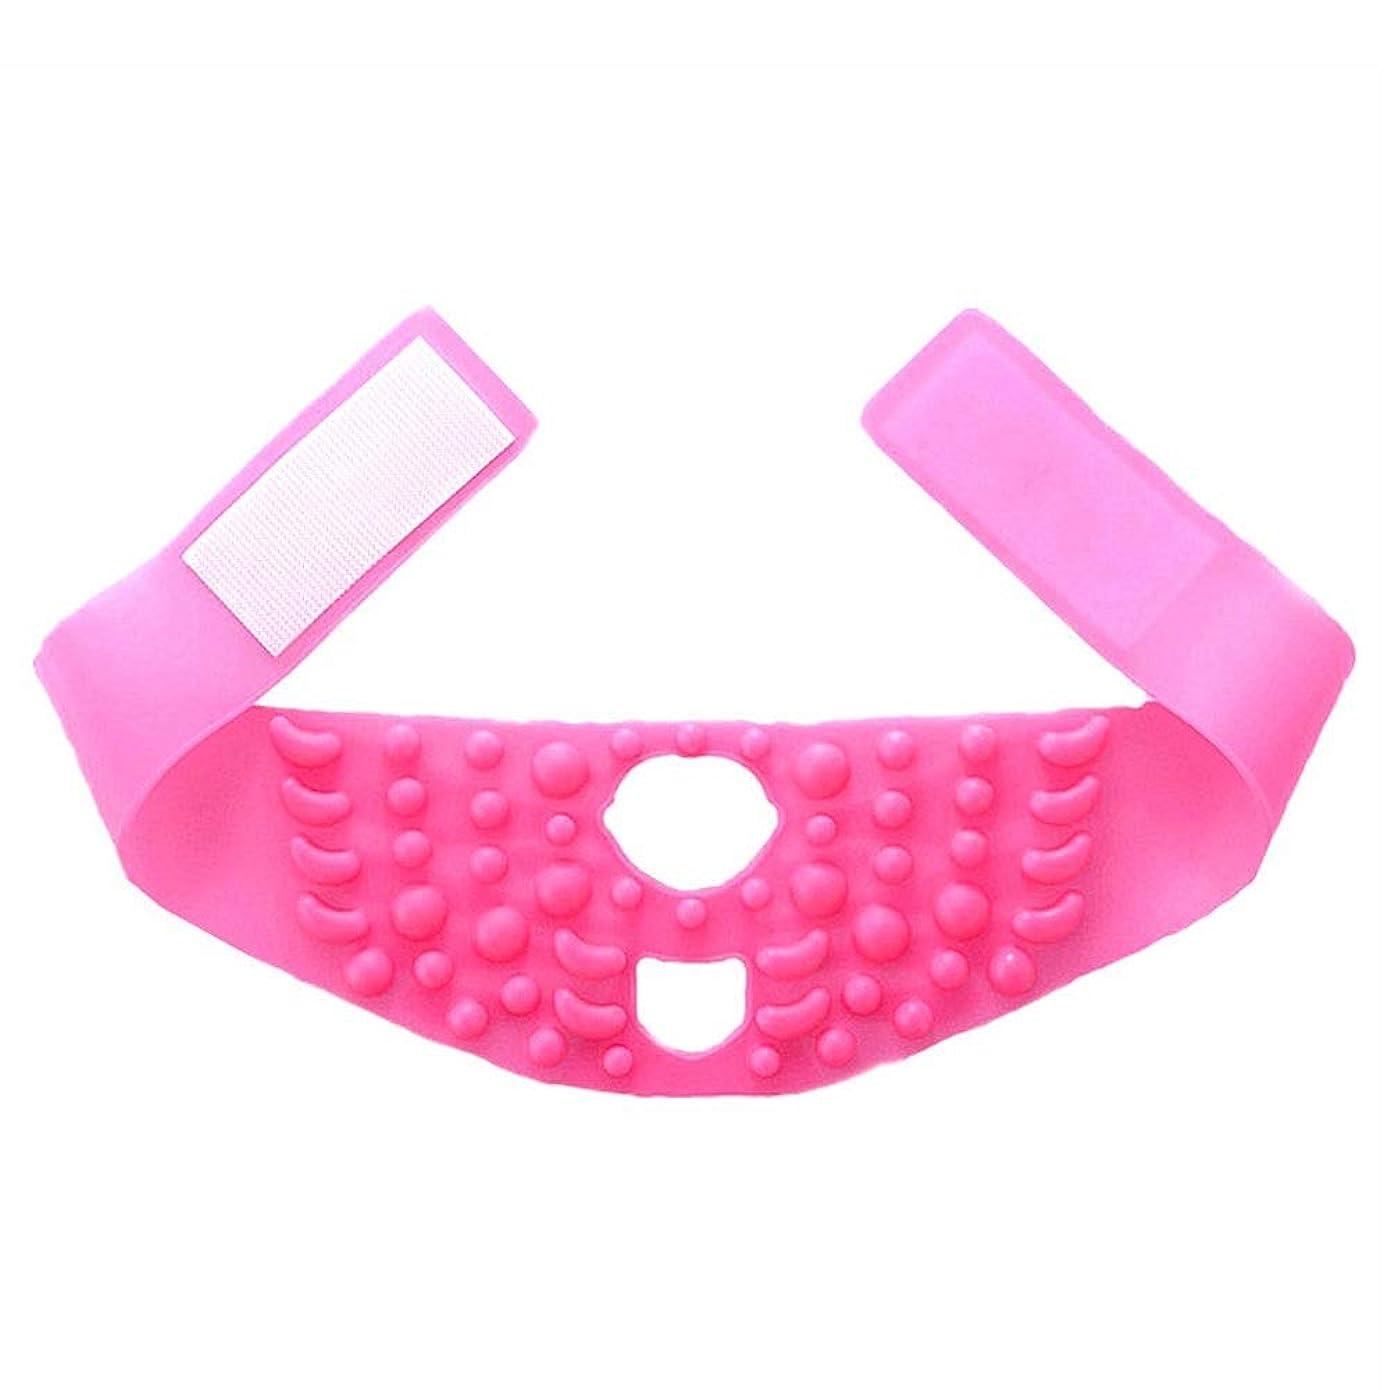 驚赤ちゃんトリムシンフェイスマスクシリコーンマッサージ引き締まった形の小さなVフェイスリフティングに薄いフェイスアーティファクト包帯を飾る - ピンク